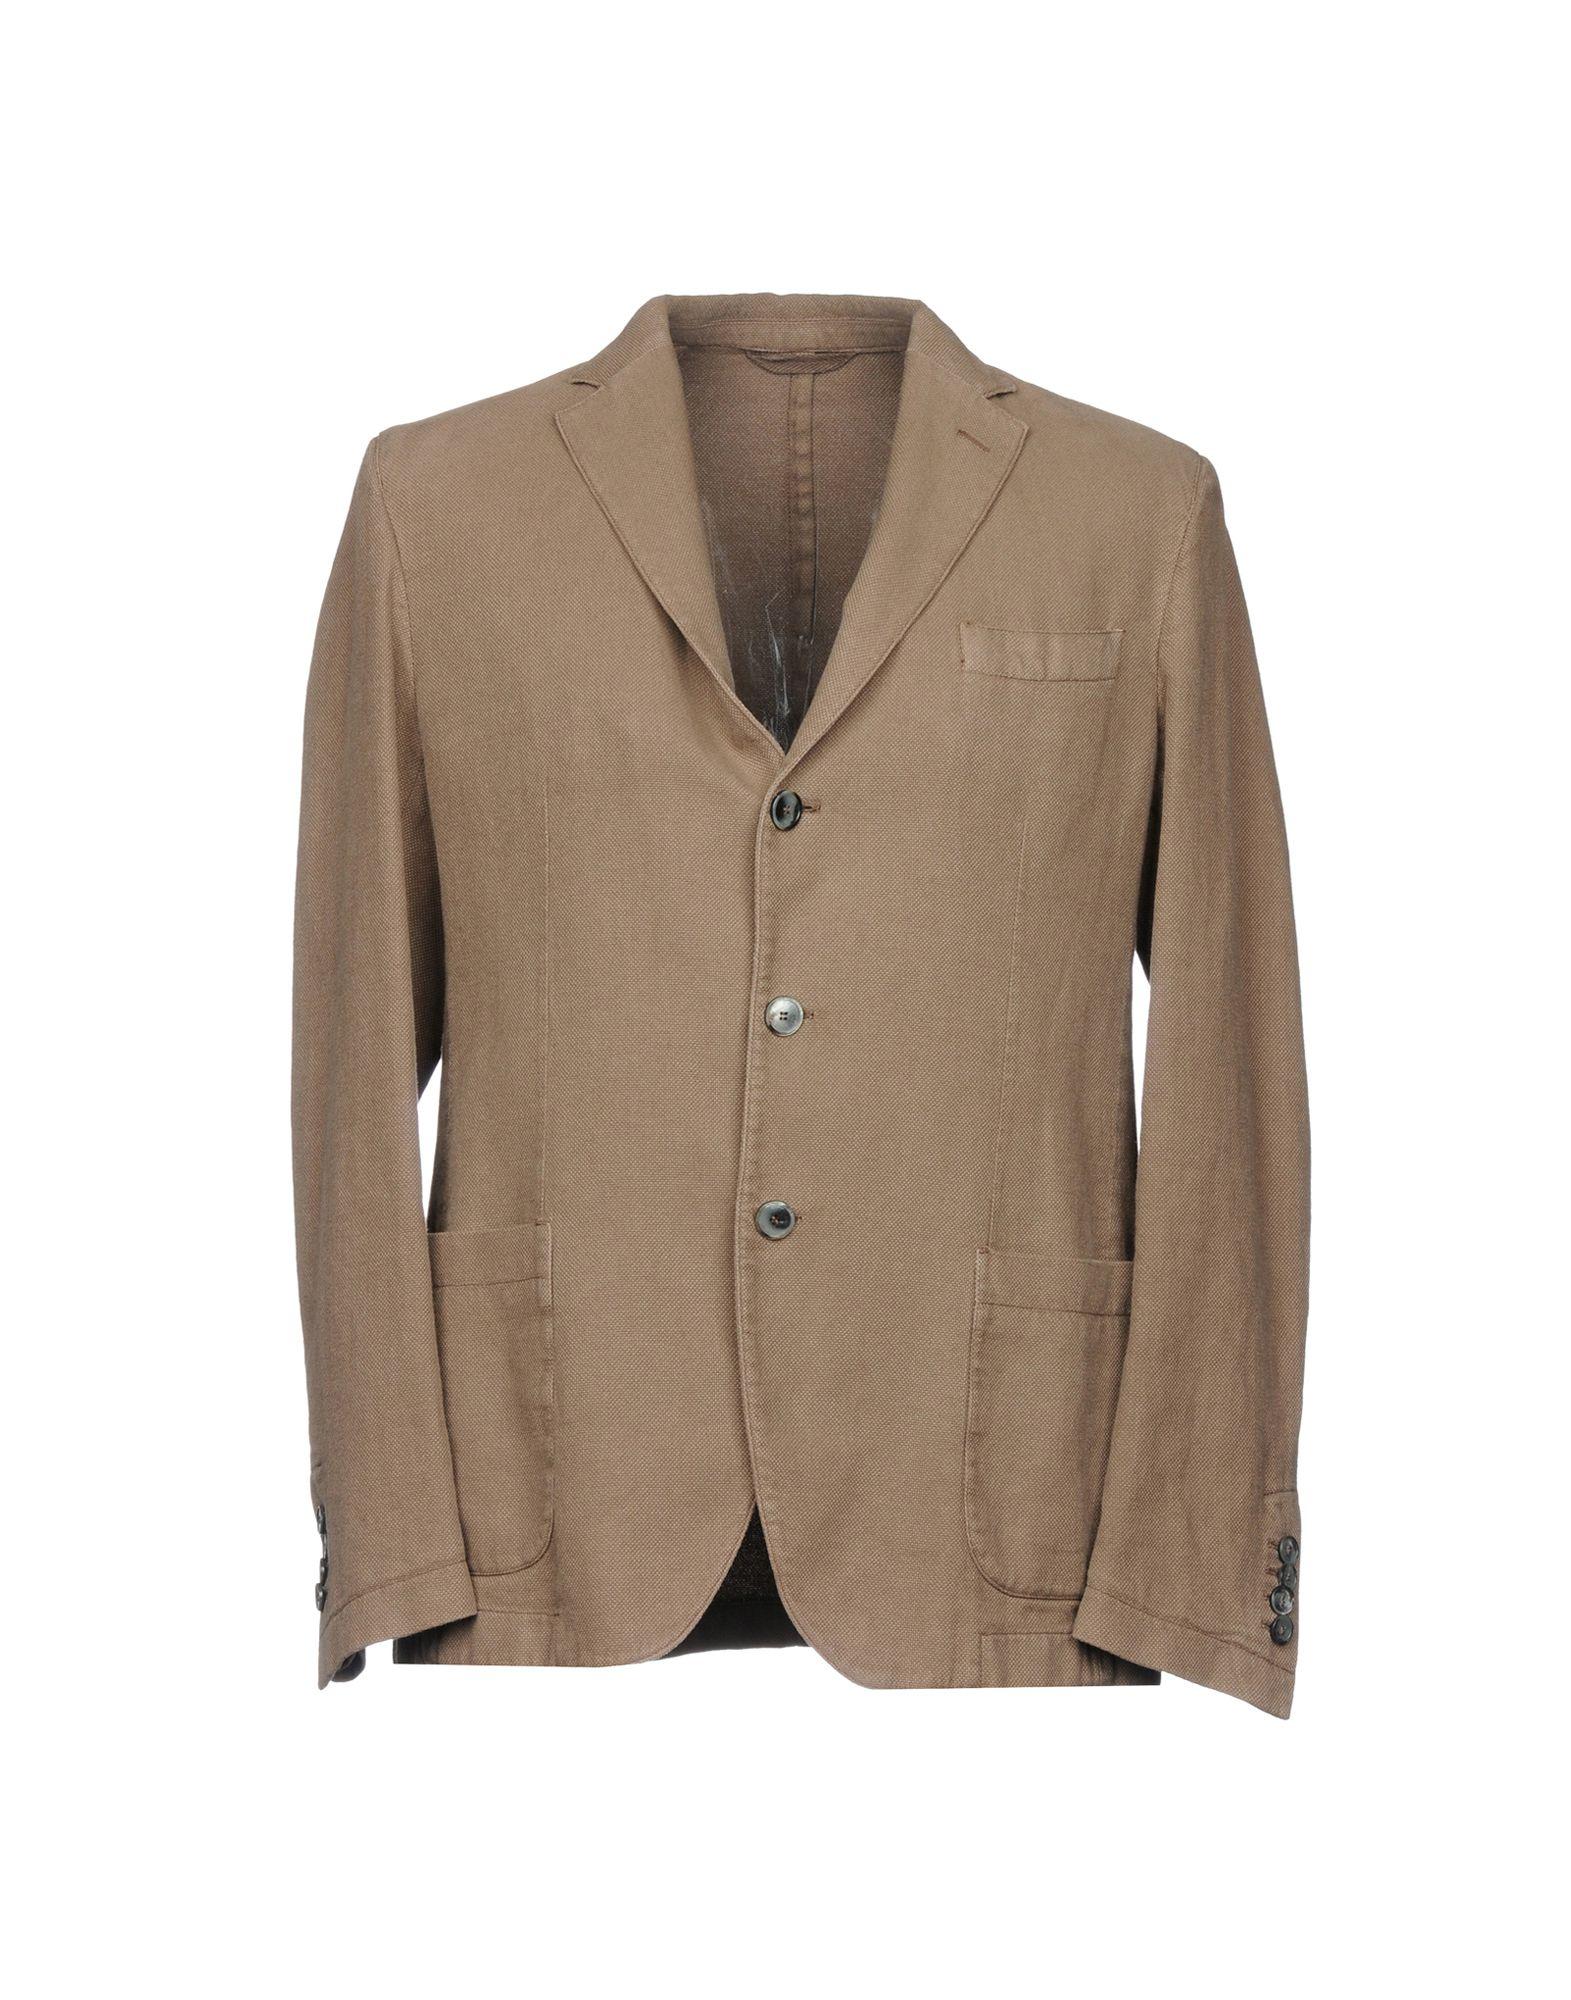 PANAMA JACKET Пиджак fleece lined jacket with epaulet